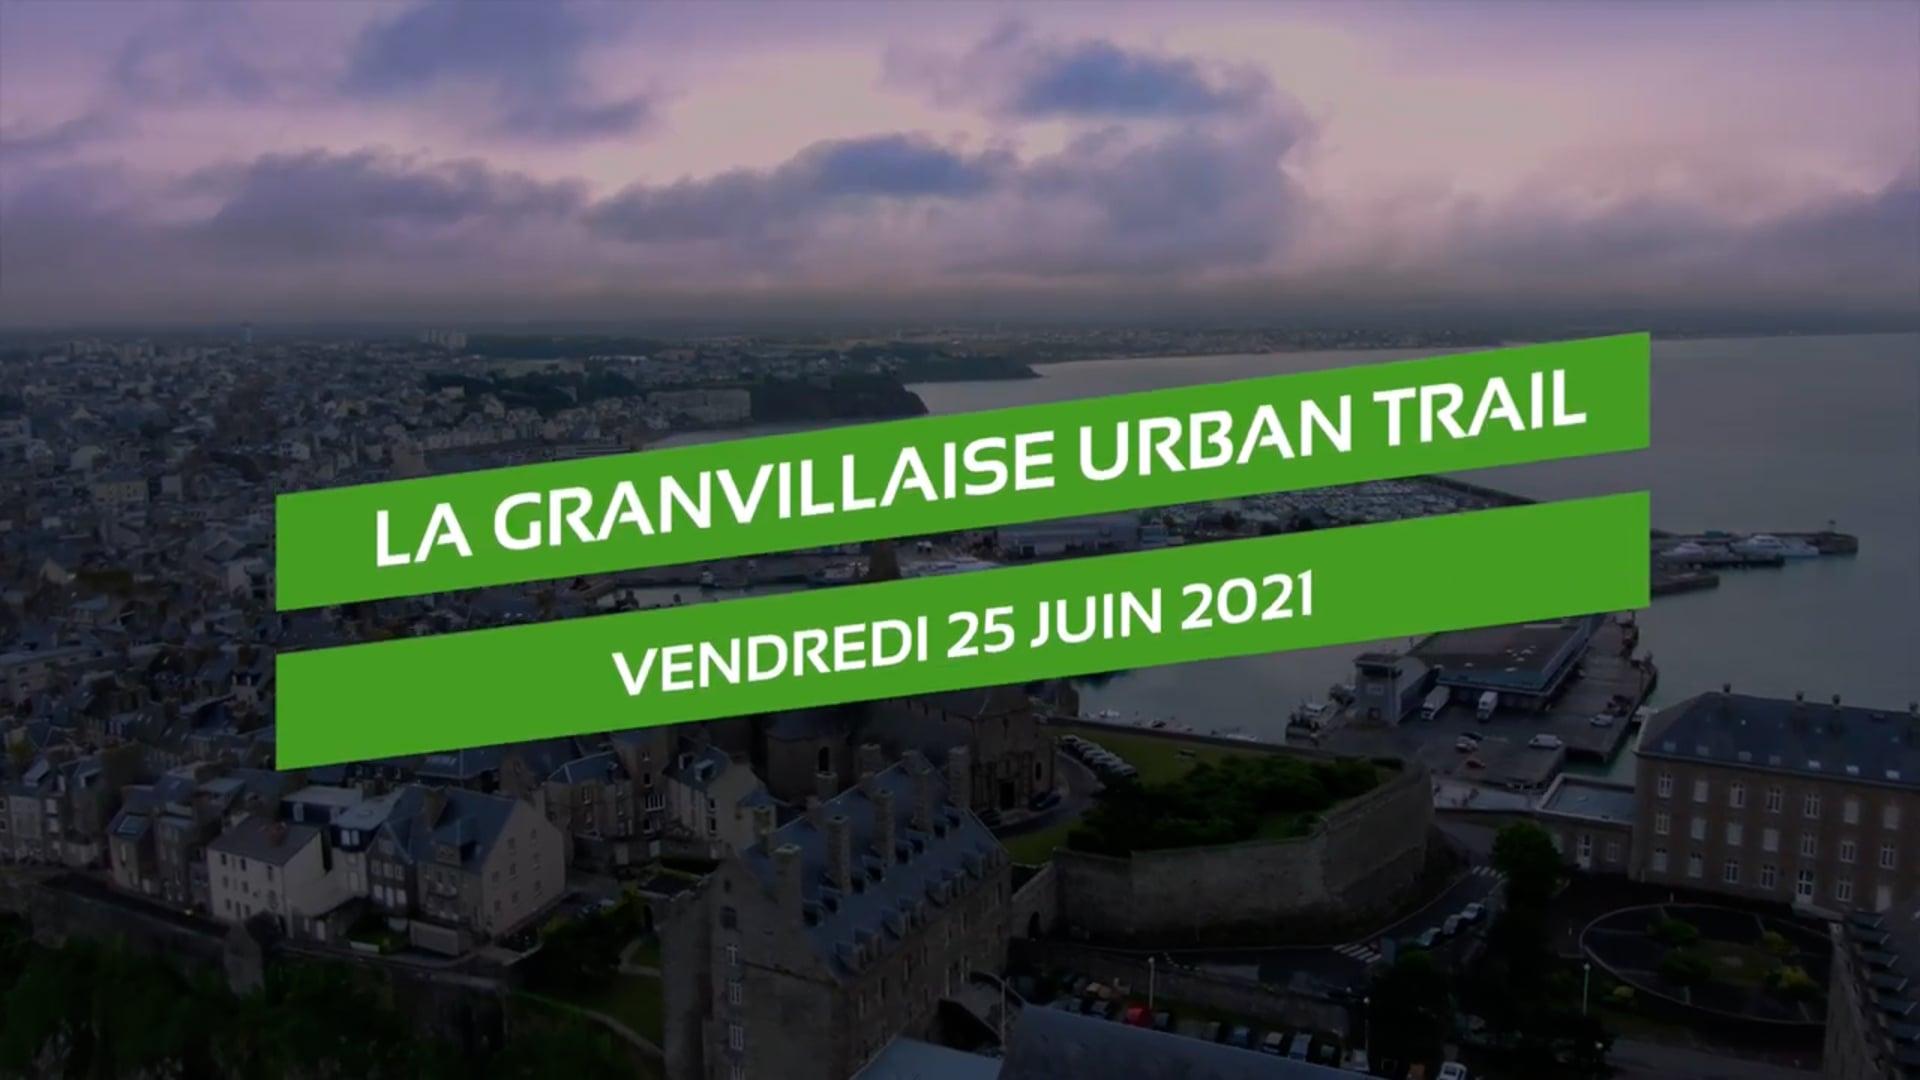 La Granvillaise Urban Trail 2021